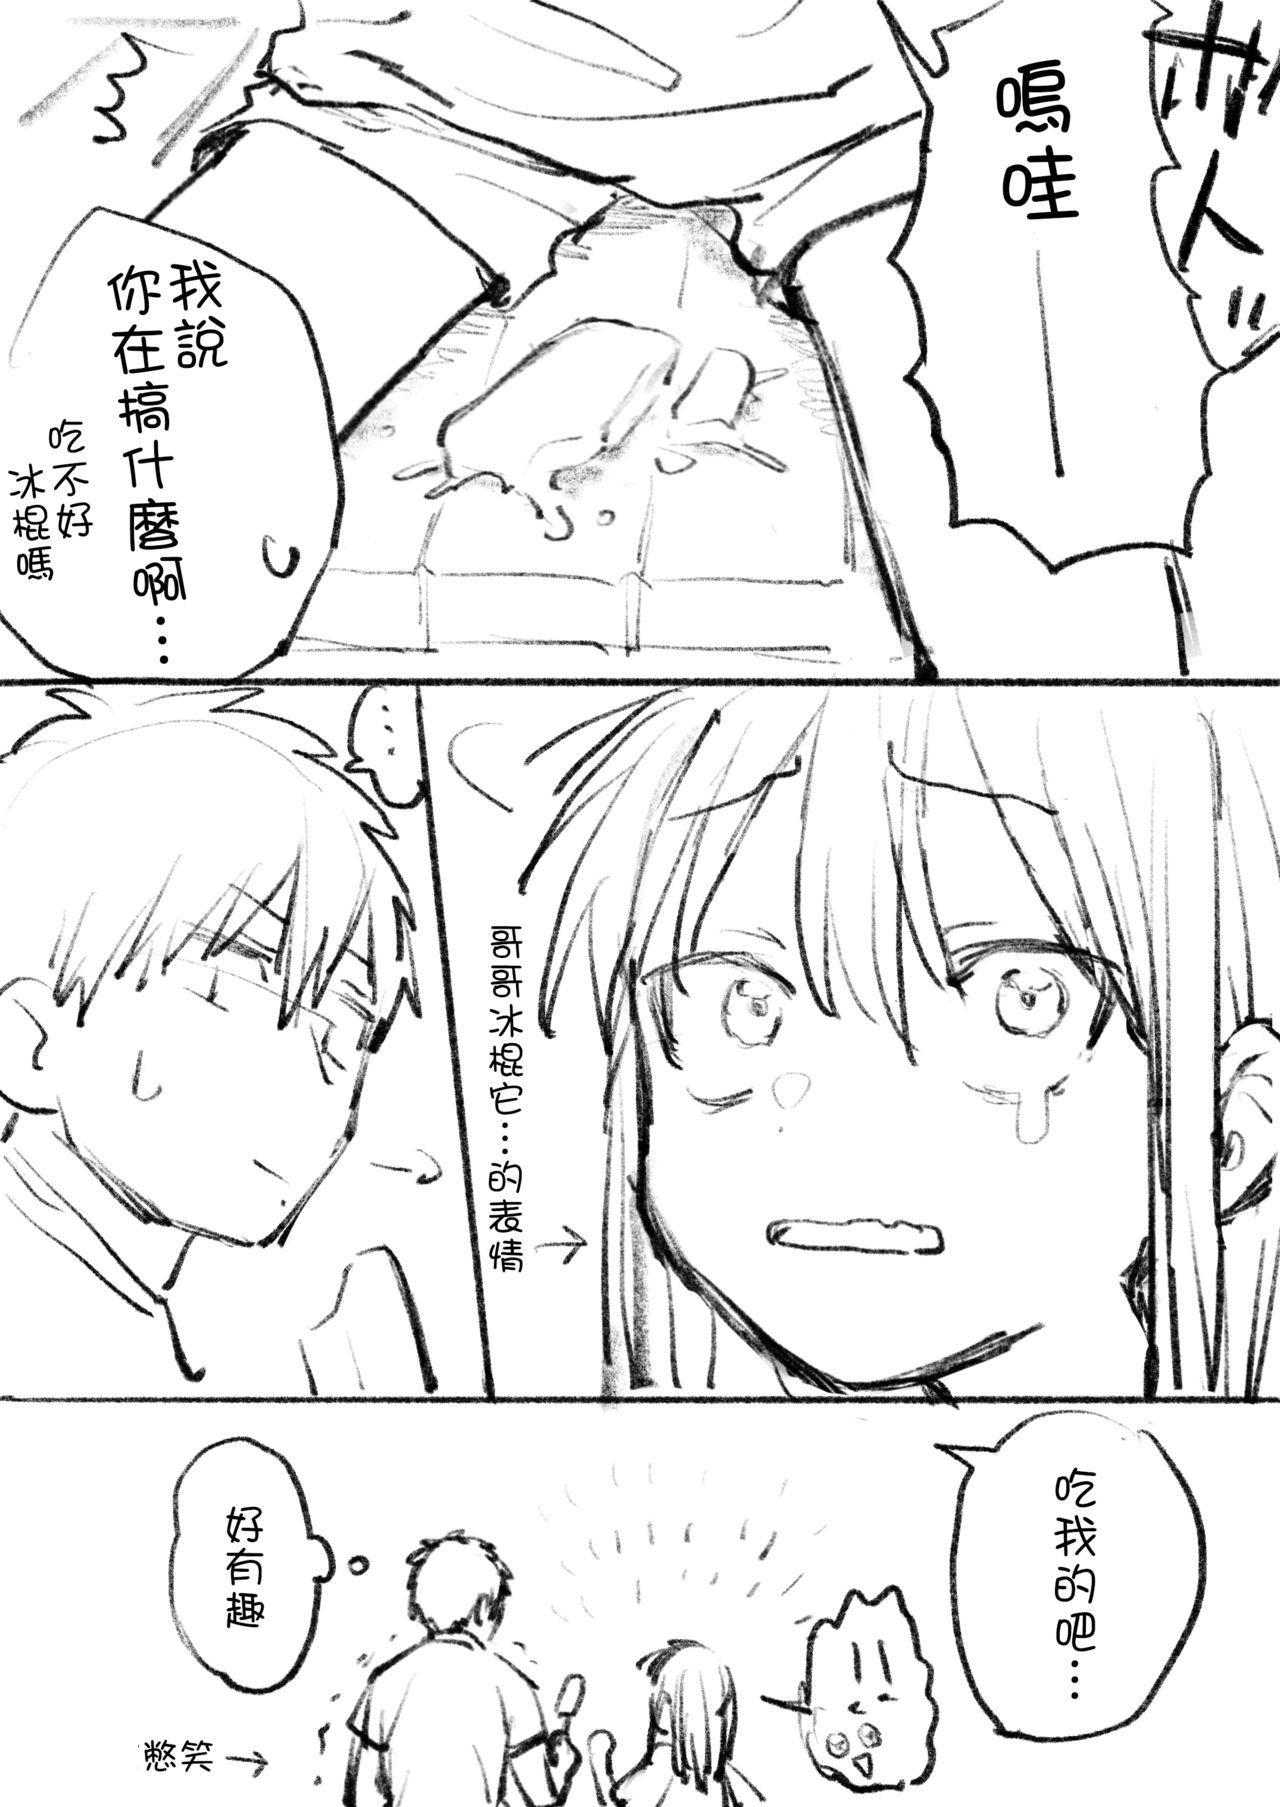 Inaka ni Kaeru to Yakeni Jiben ni Natsuita Kasshoku Ponytail Shota ga Iru 12